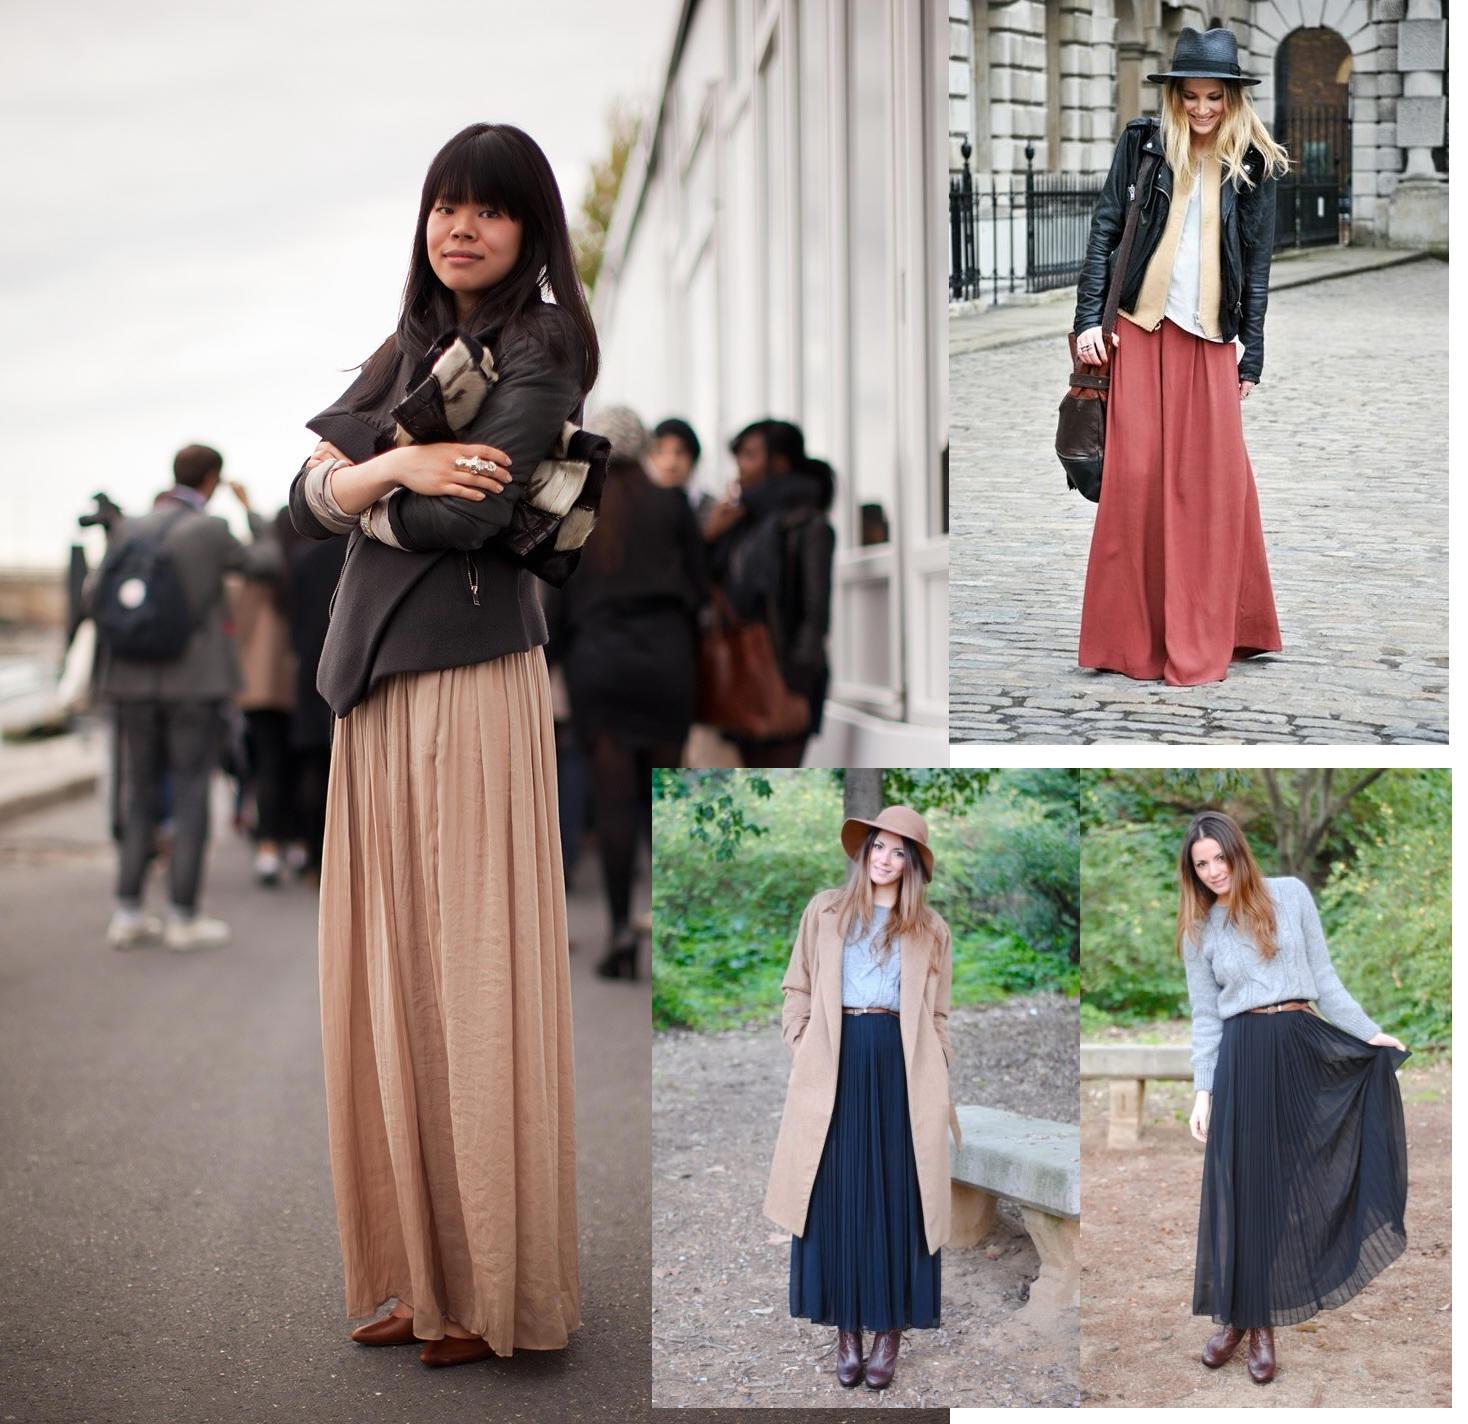 ea2cea4c1 Cómo usar faldas en invierno - Rojo Anaranjado - By: Daniela Schorwer